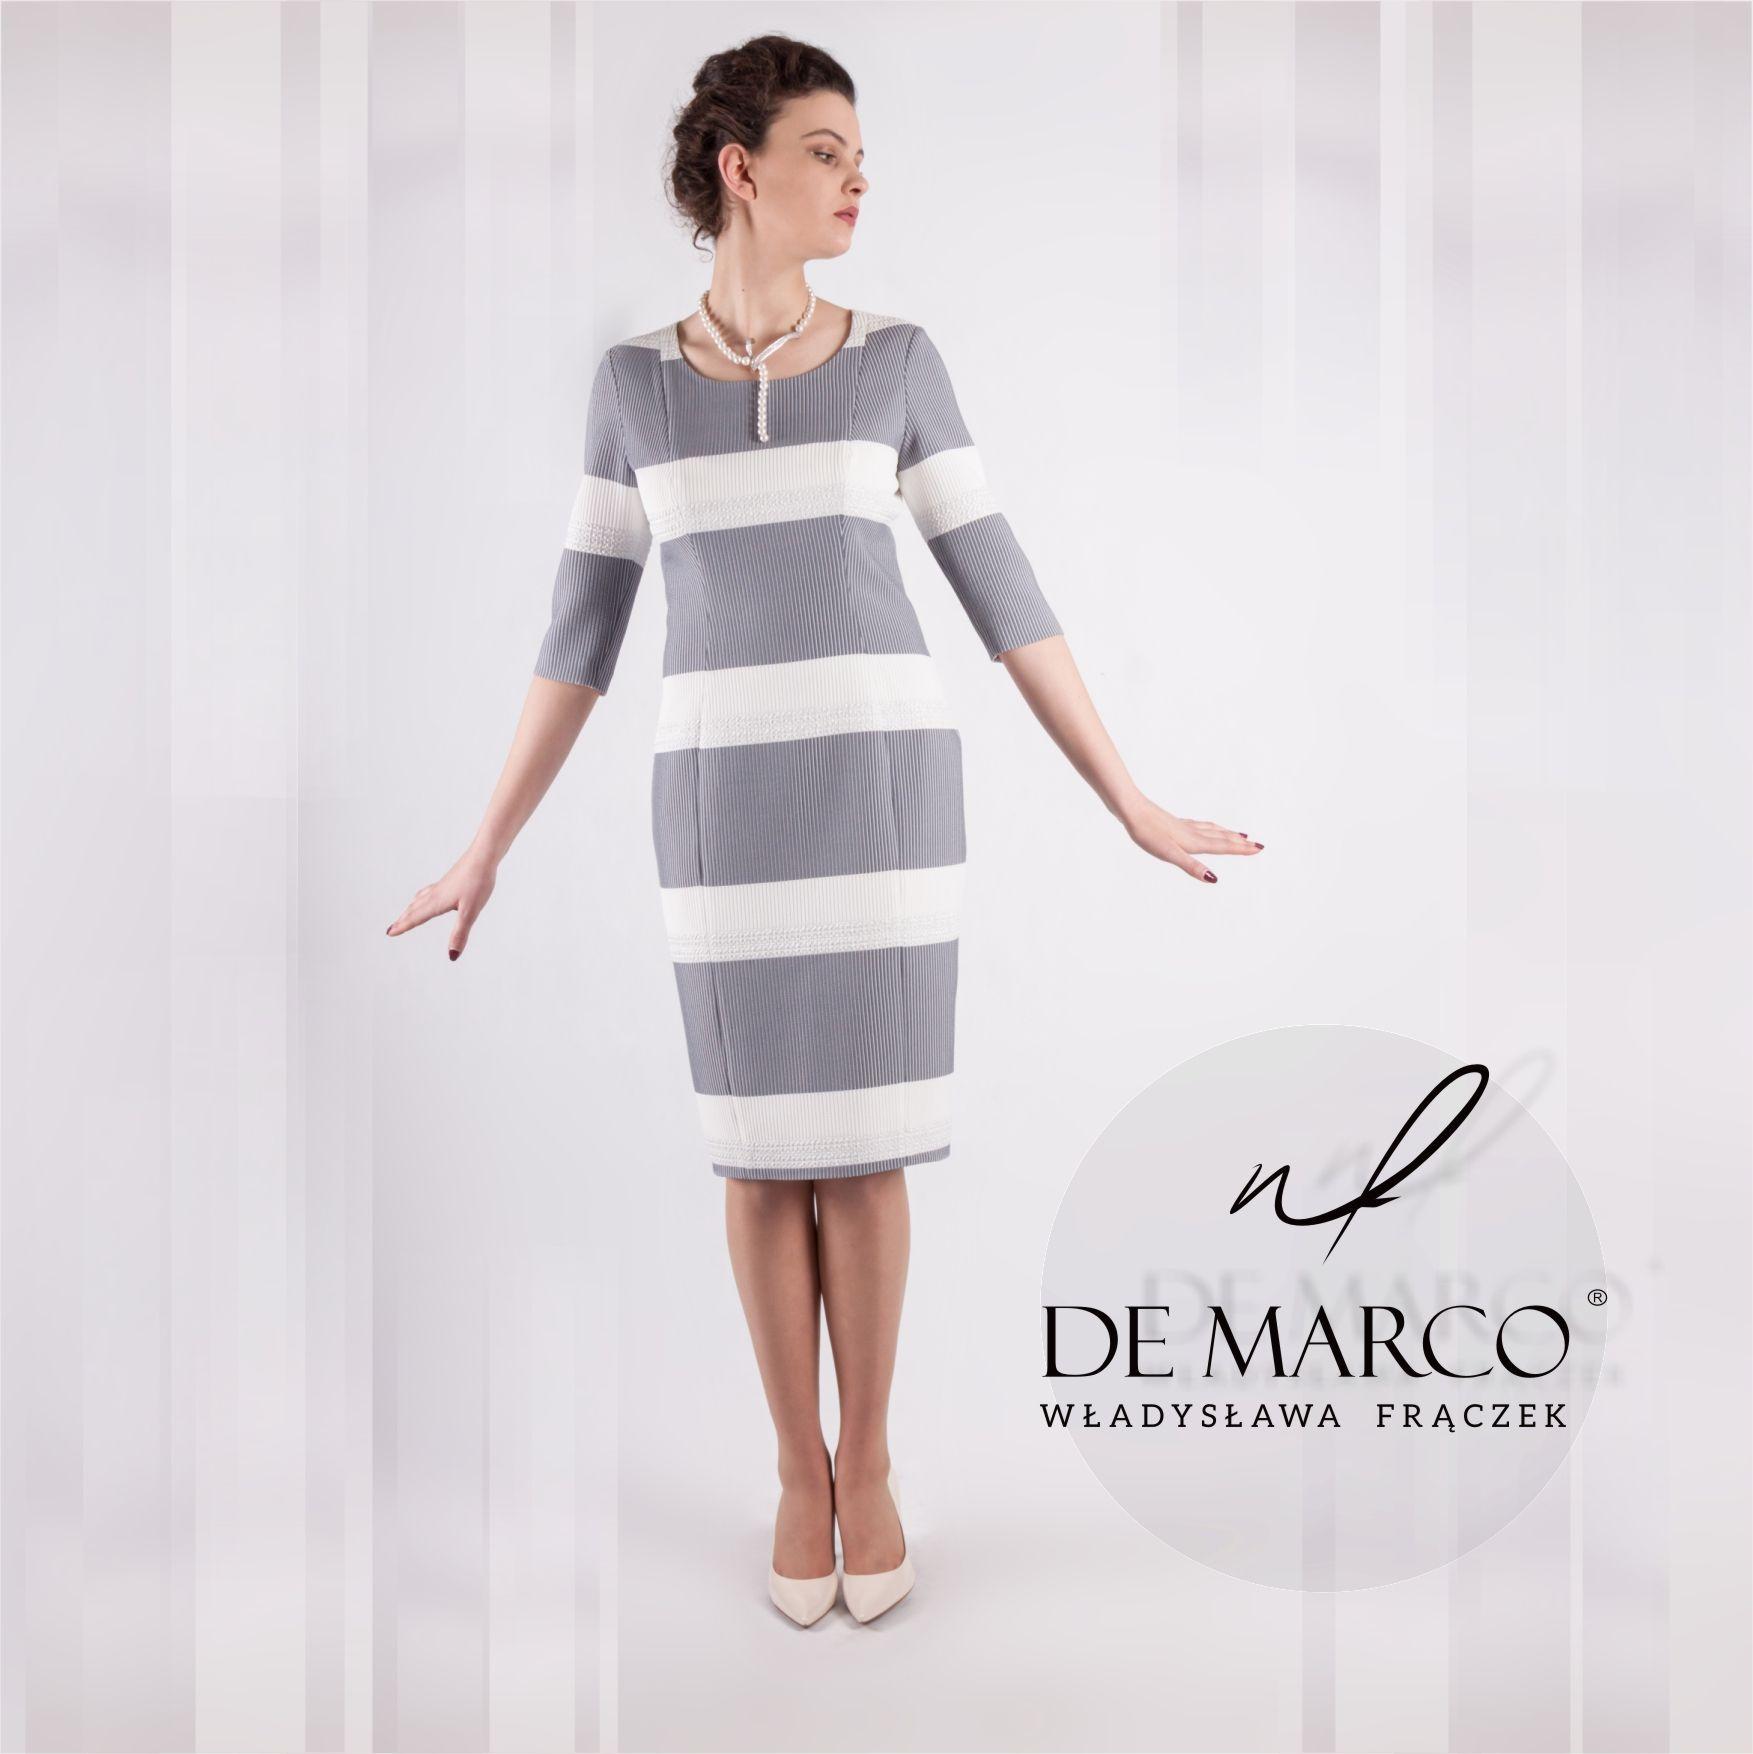 7c29dc71a5 Praktyczna i elegancka sukienka wizytowo biznesowa r.38  D  lt 3  demarco